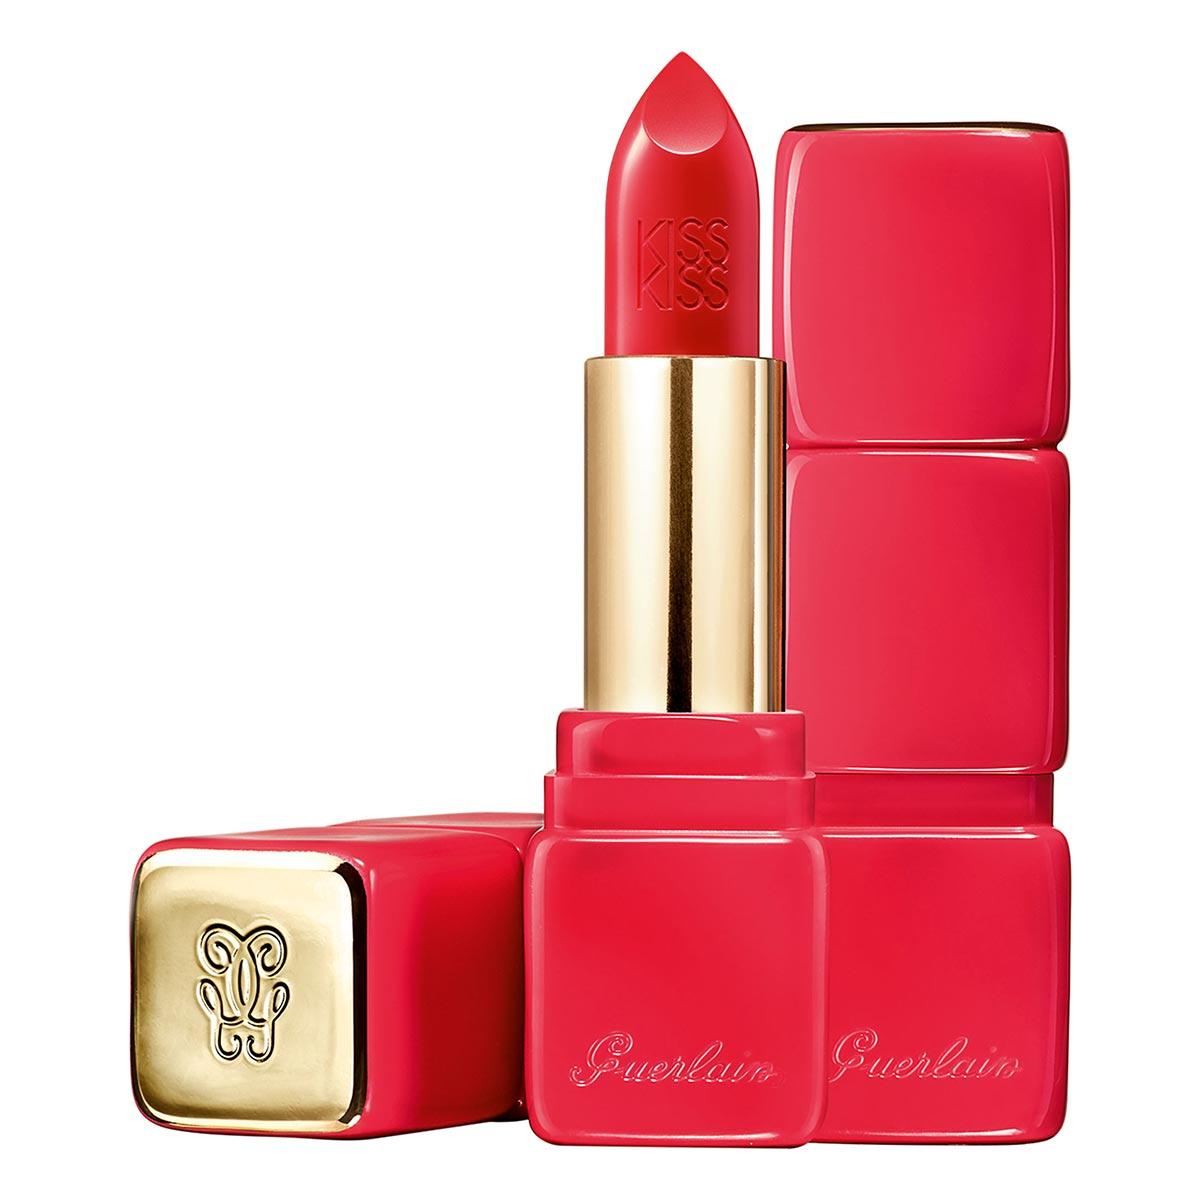 KissKiss Le Rouge Crème Galbant - Guerlain